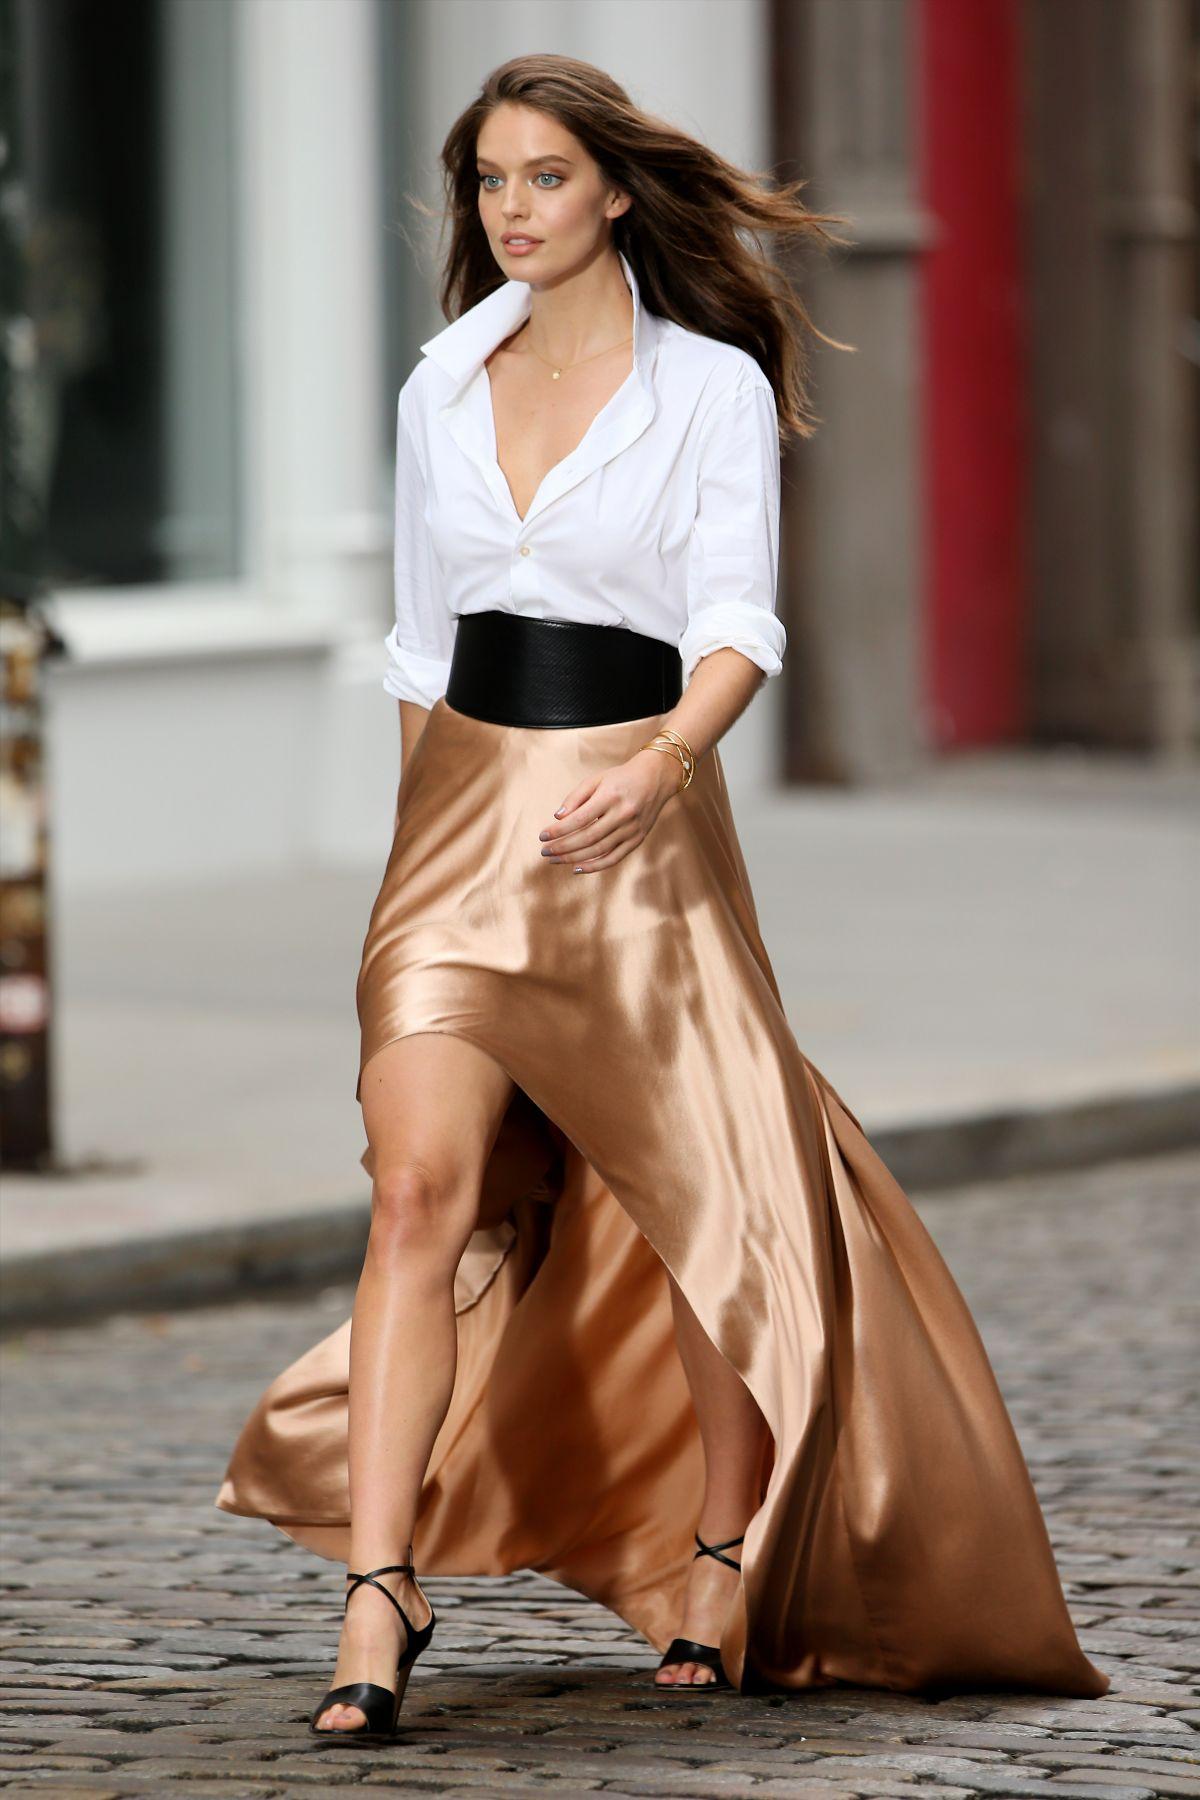 ee28a118dc Emily Didonato Maybelline Model Pretty Celebrities - ViewInvite.CO